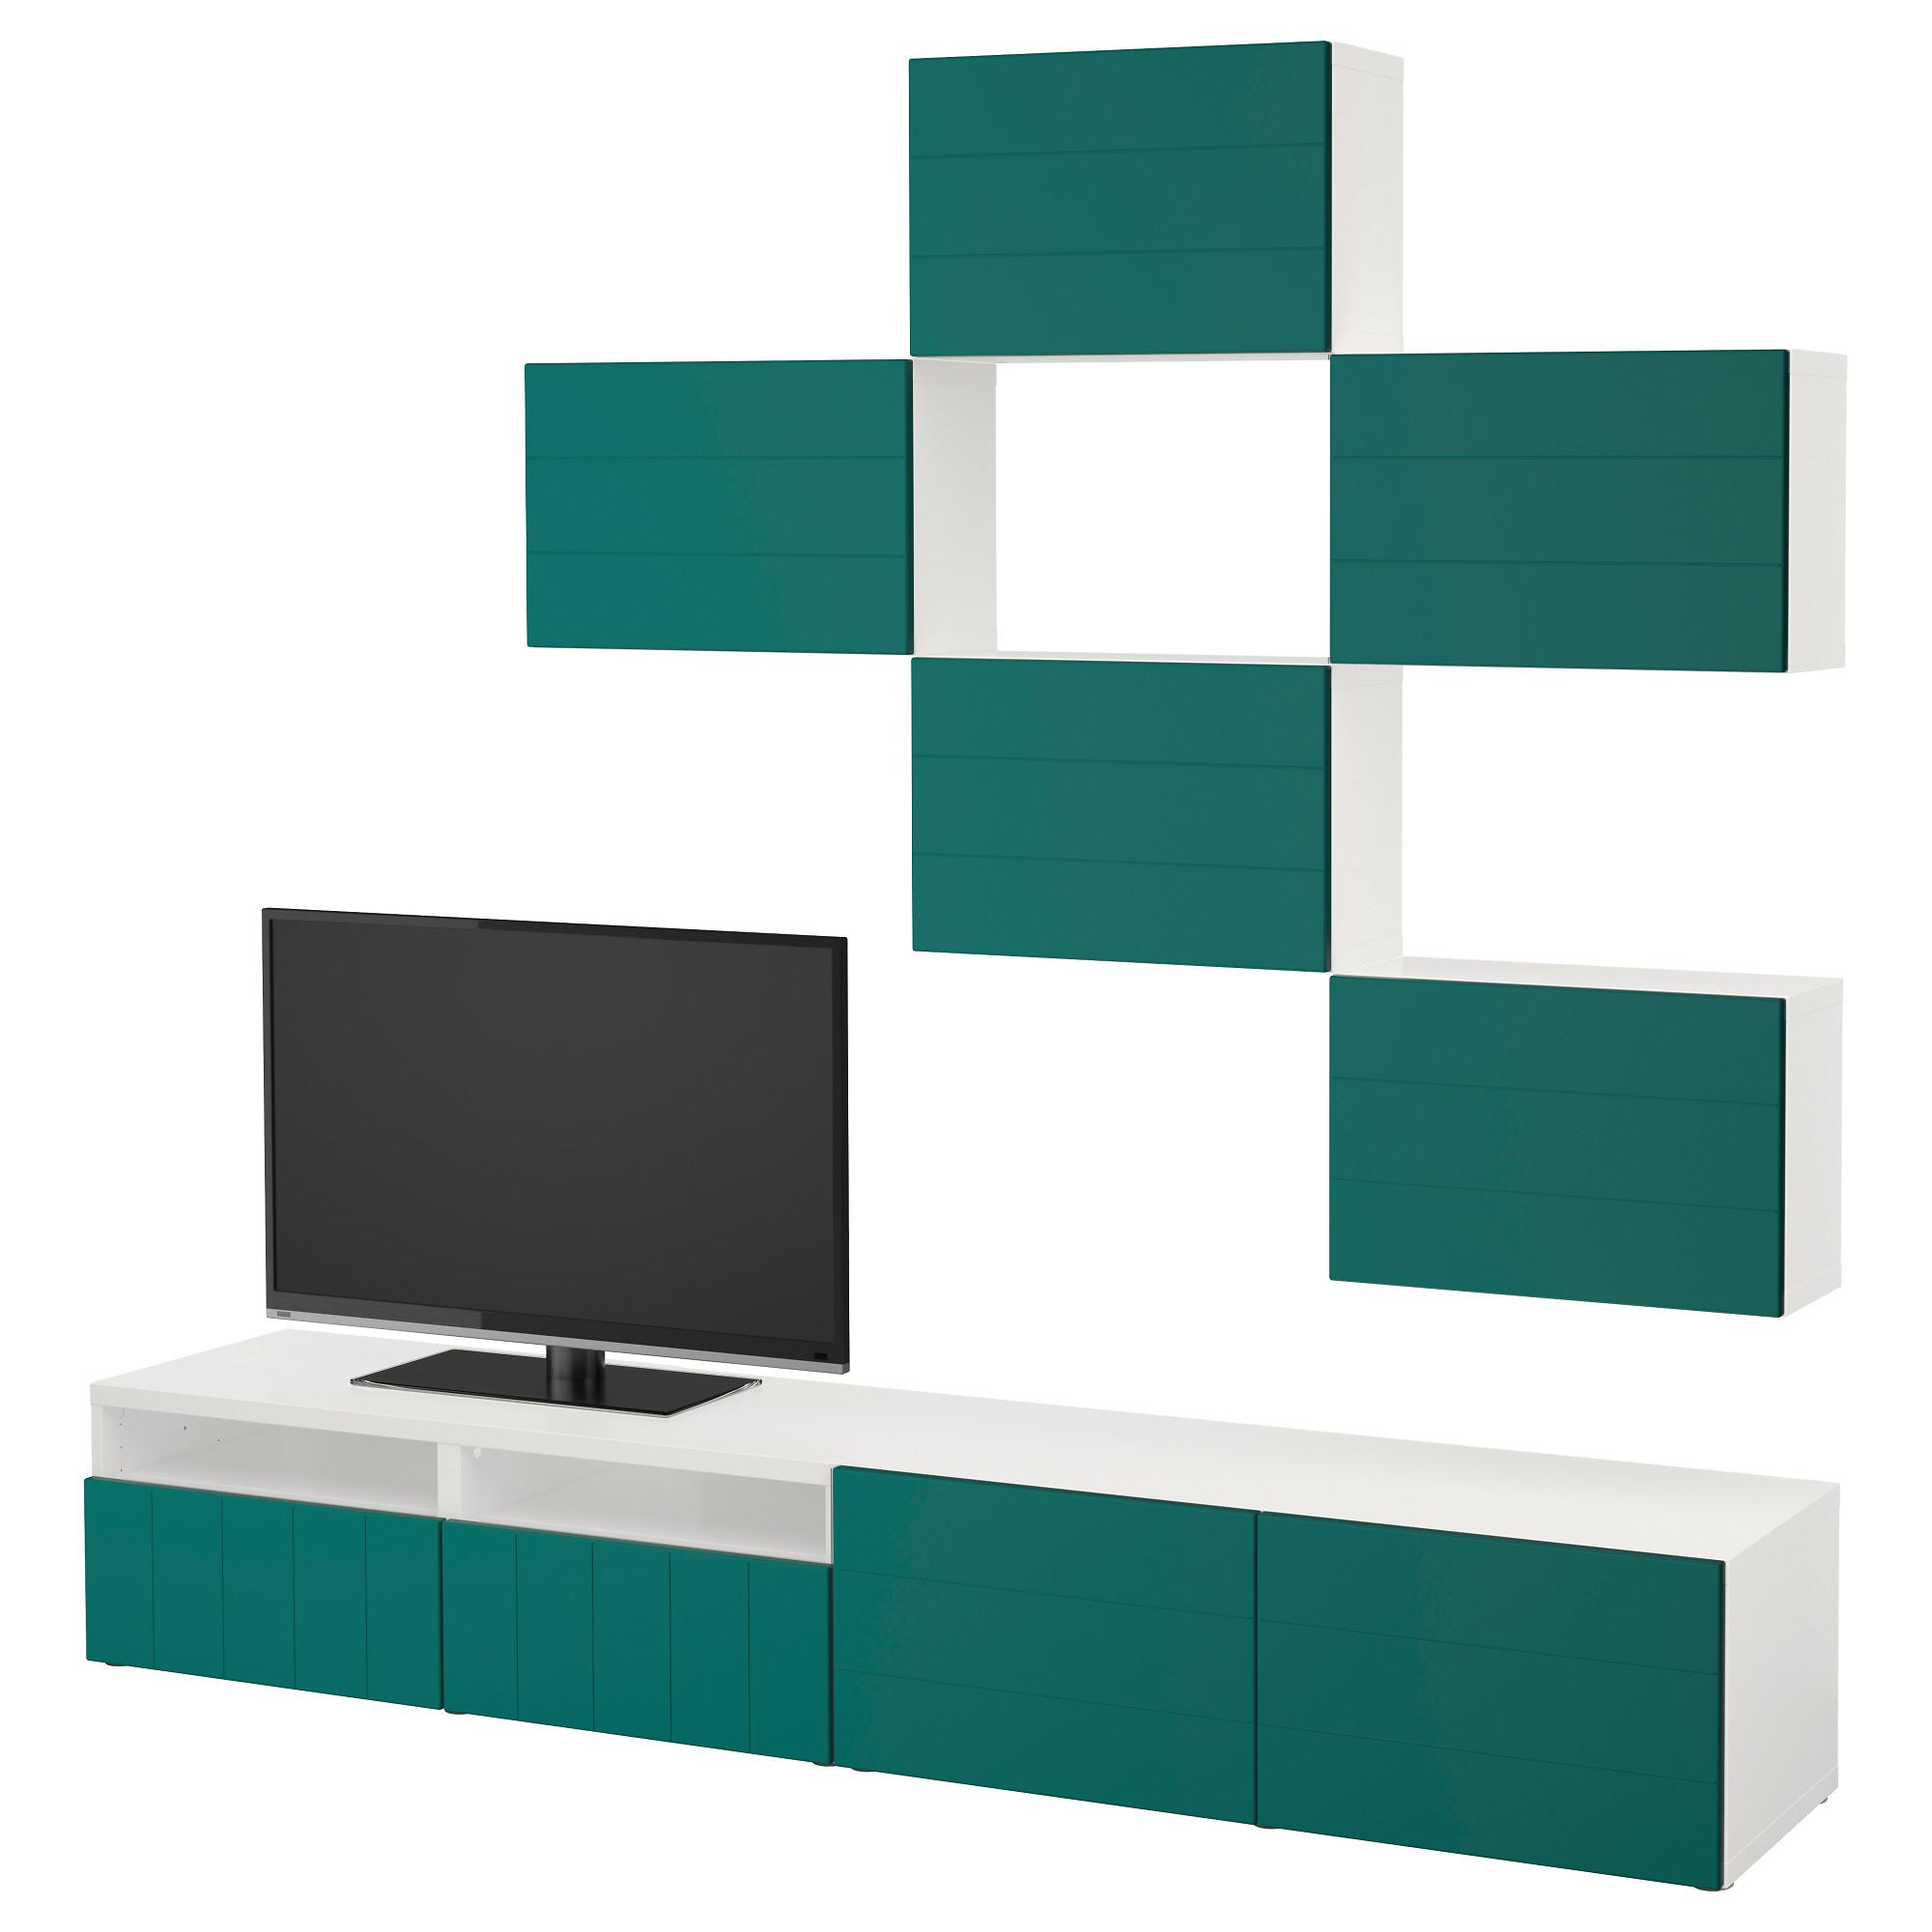 Шкаф для ТВ, комбинация БЕСТО сине-зеленый артикуль № 092.761.22 в наличии. Онлайн сайт ИКЕА Республика Беларусь. Недорогая доставка и установка.